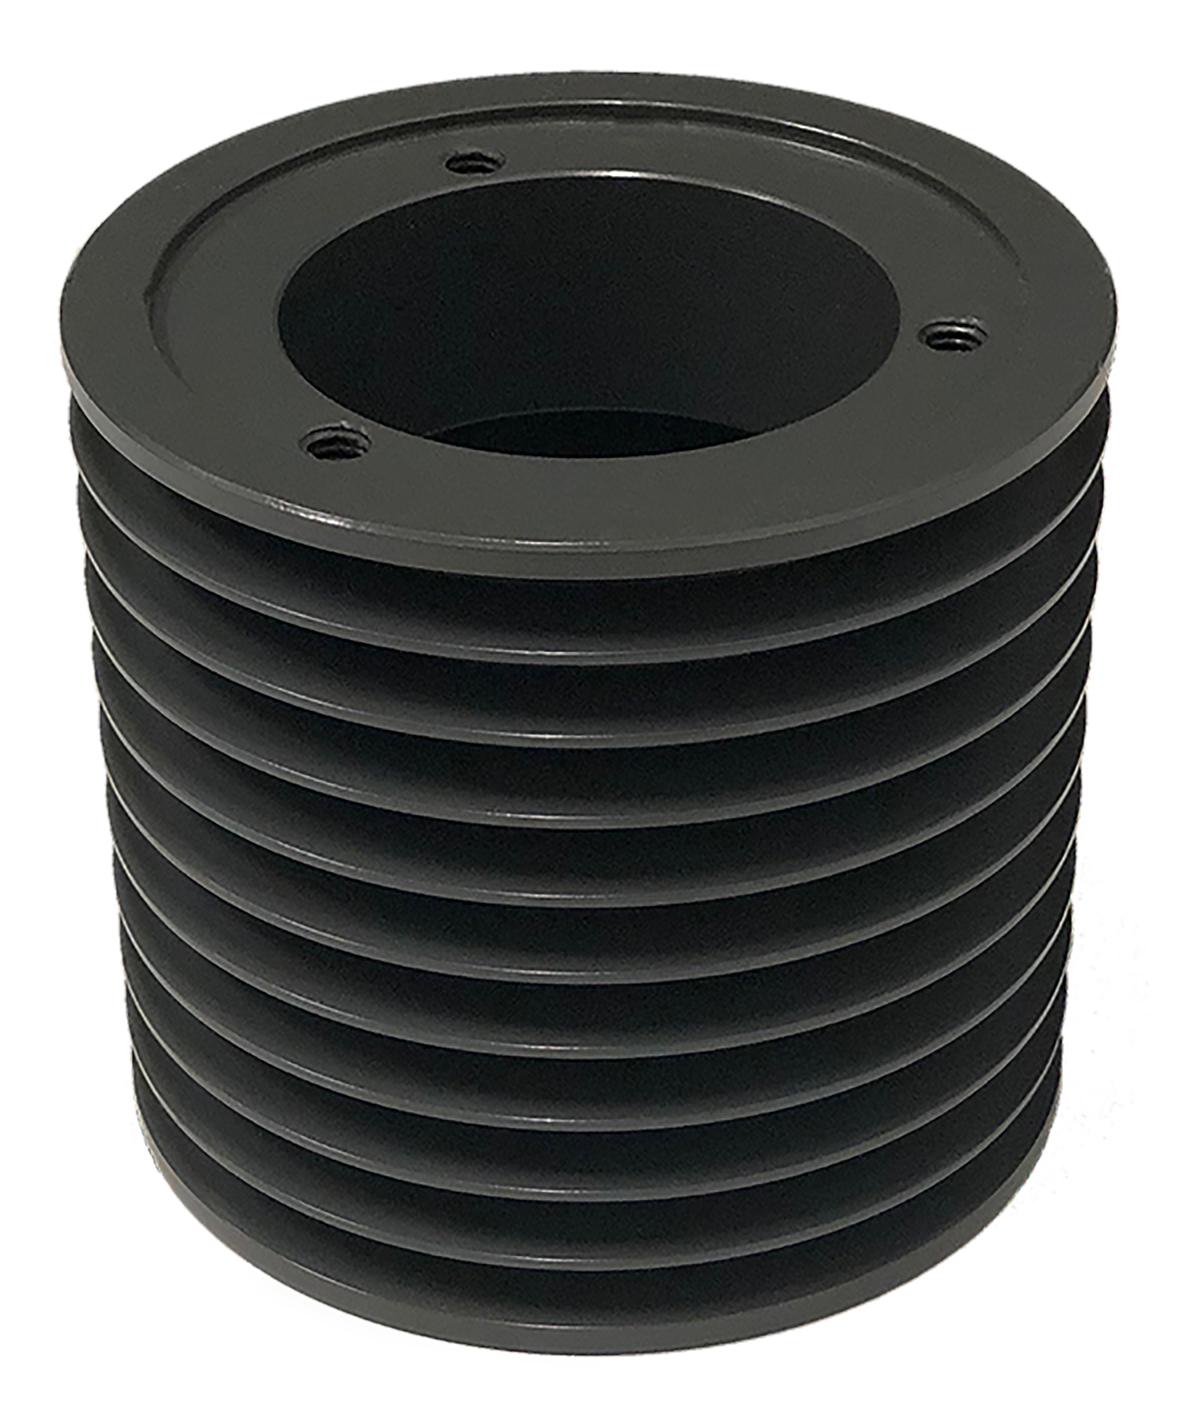 103V600SK, 3V6010, 10-3V6.0, 10/3V600SK